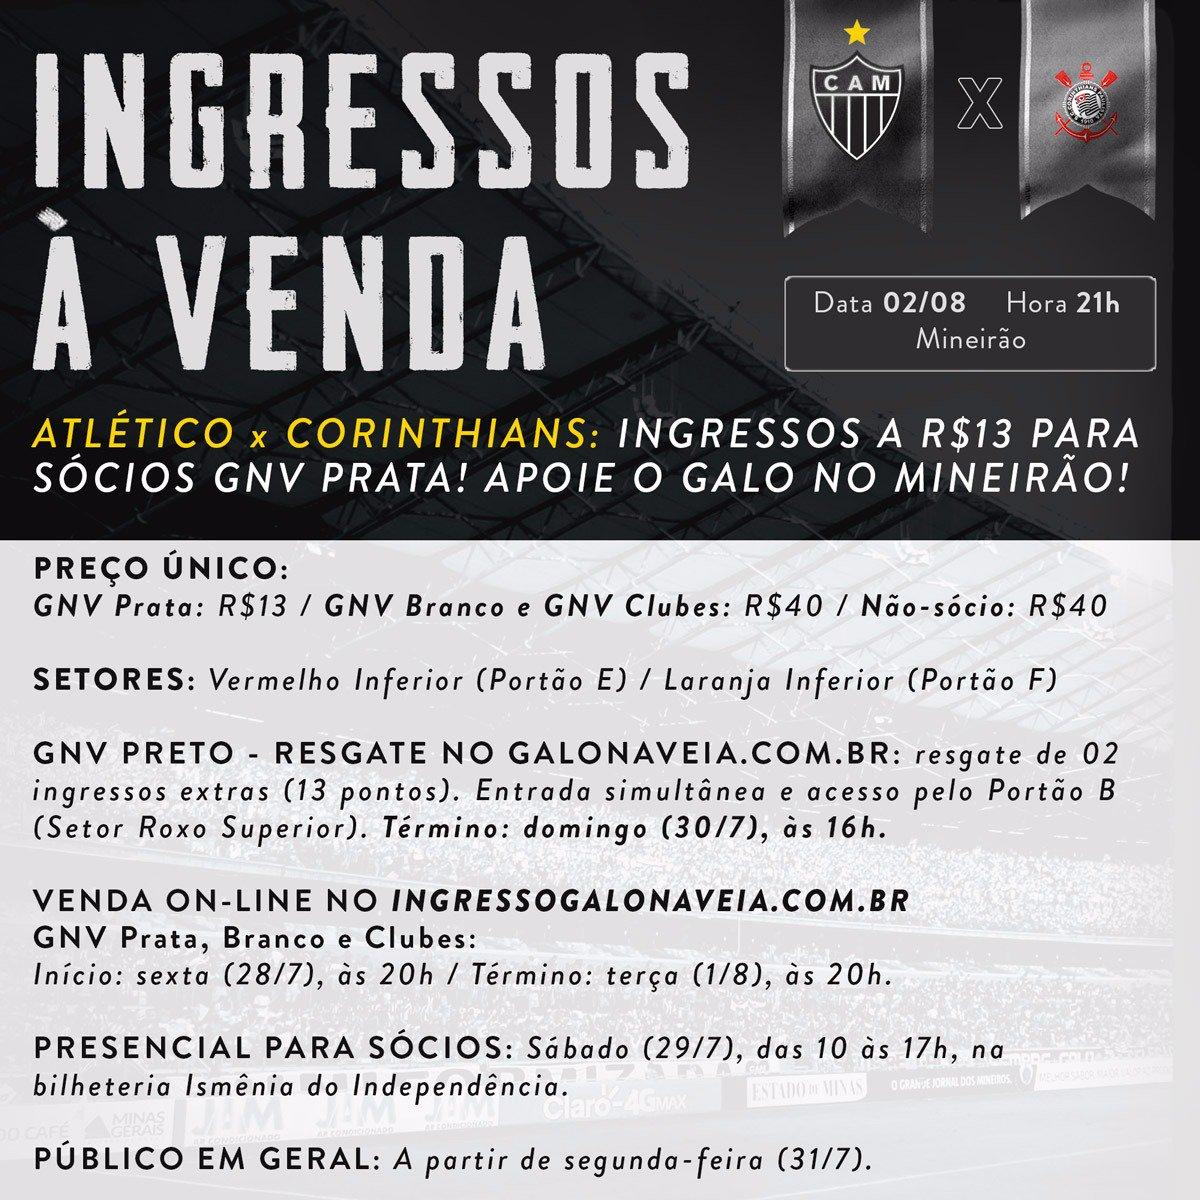 Atlético x Corinthians no Mineirão: ingressos a R$13 para sócios! Apoie o Galo no Brasileirão: https://t.co/UdKz4GkAKy Vamos, #Galo!